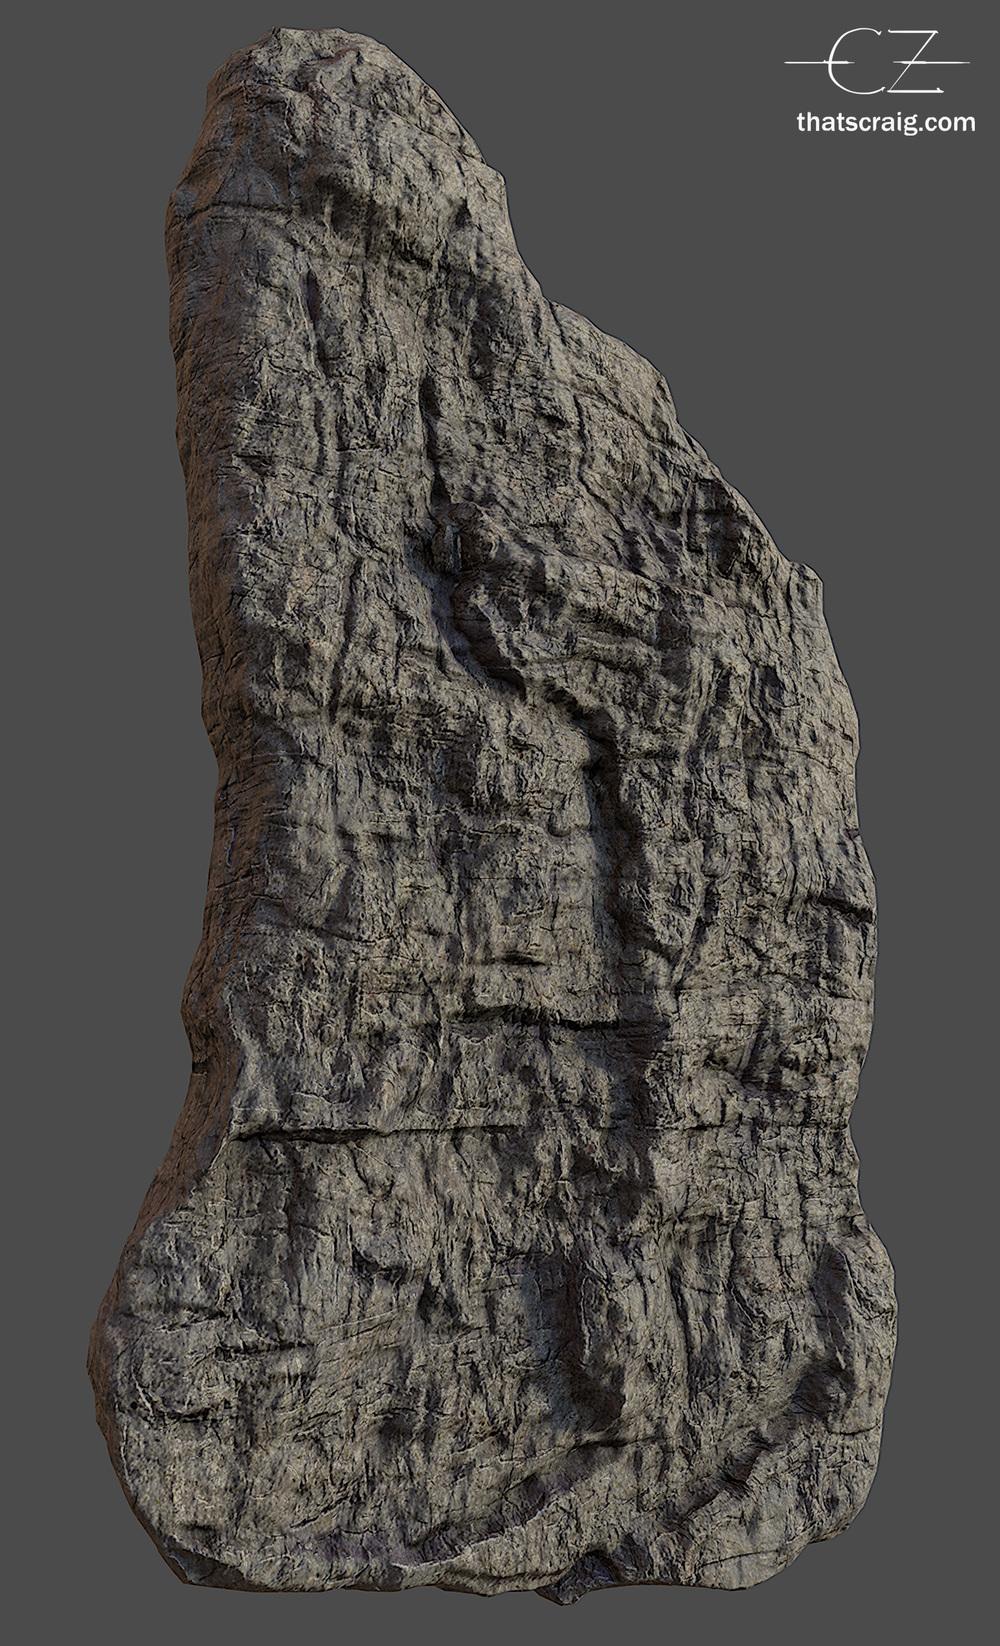 cliffSolo_01.jpg